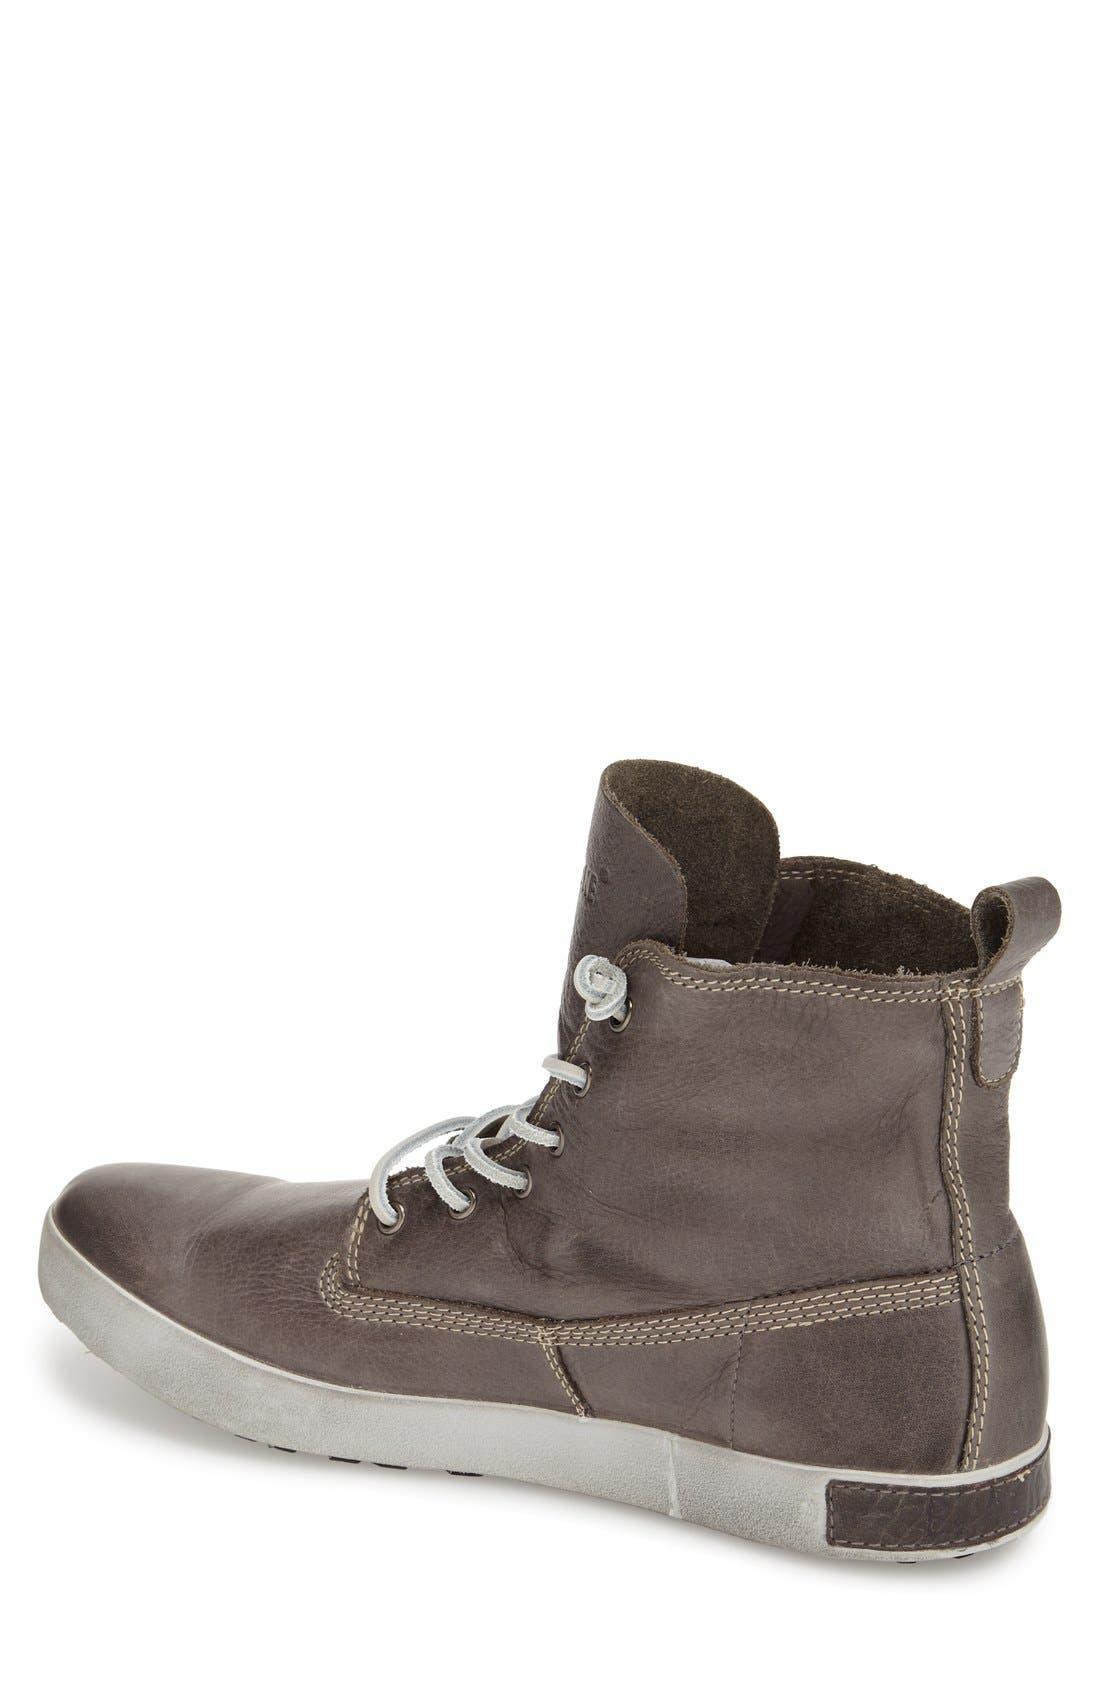 'JM04' Sneaker,                             Alternate thumbnail 2, color,                             081